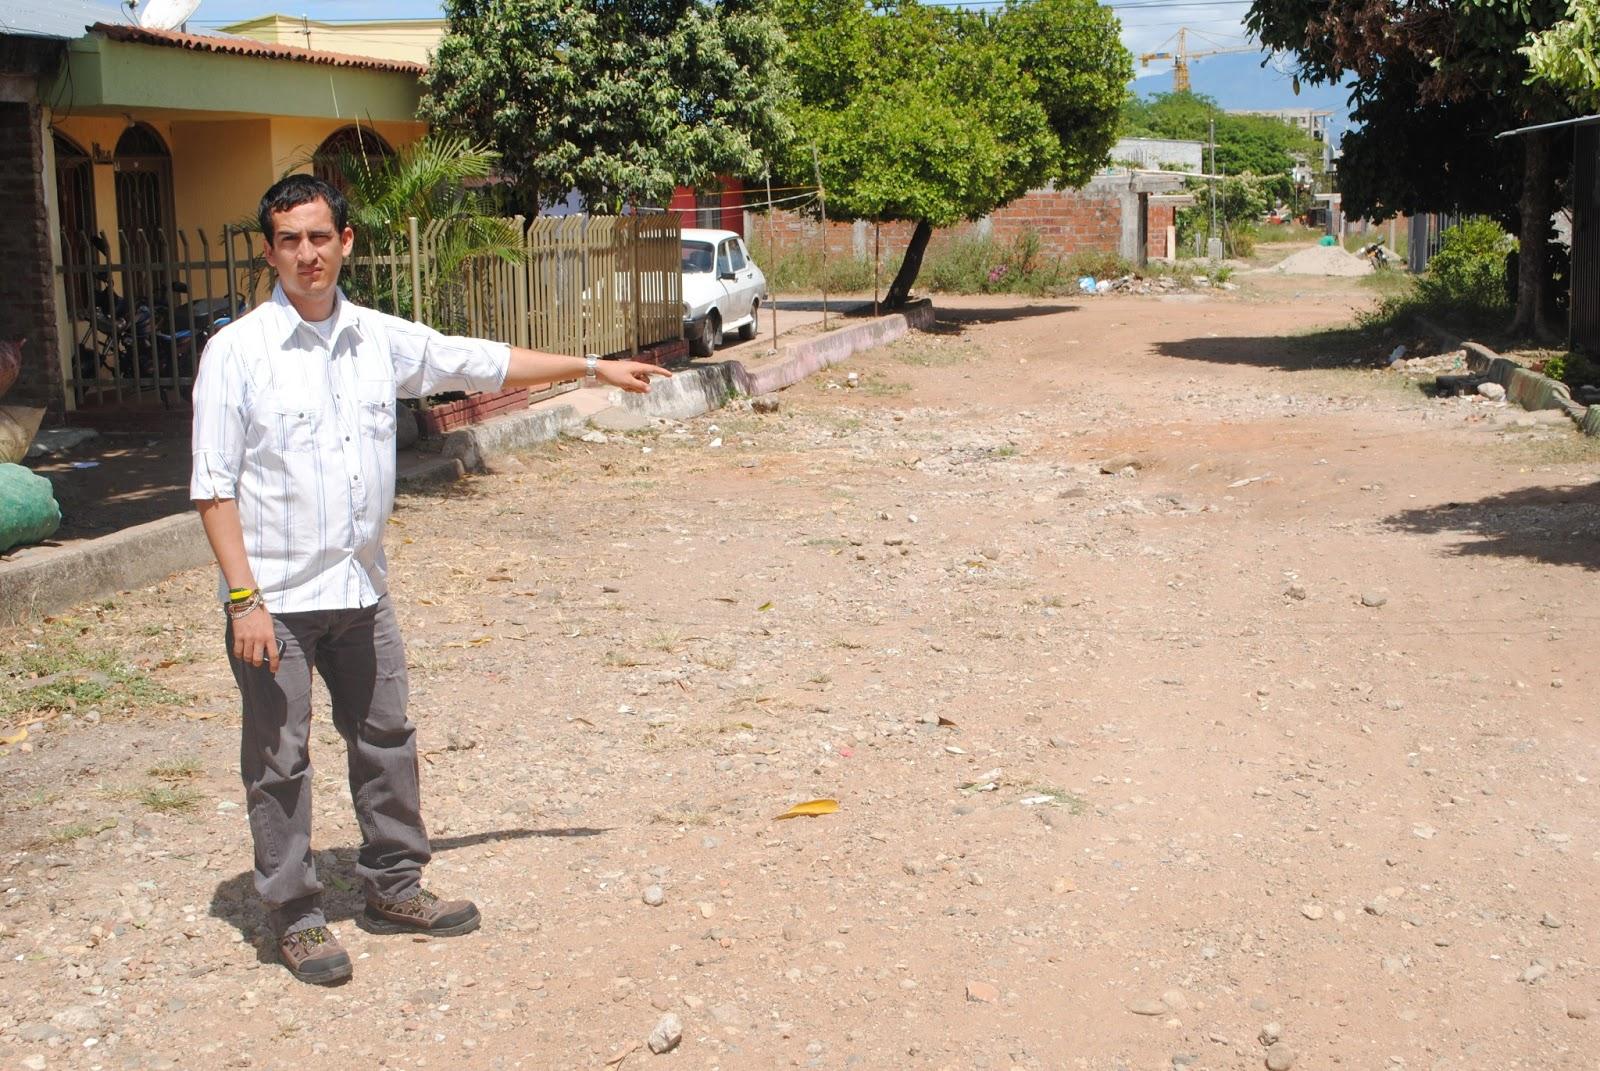 Escuela minga del sol comunidad del olaya herrera 20 for Comunidad del sol